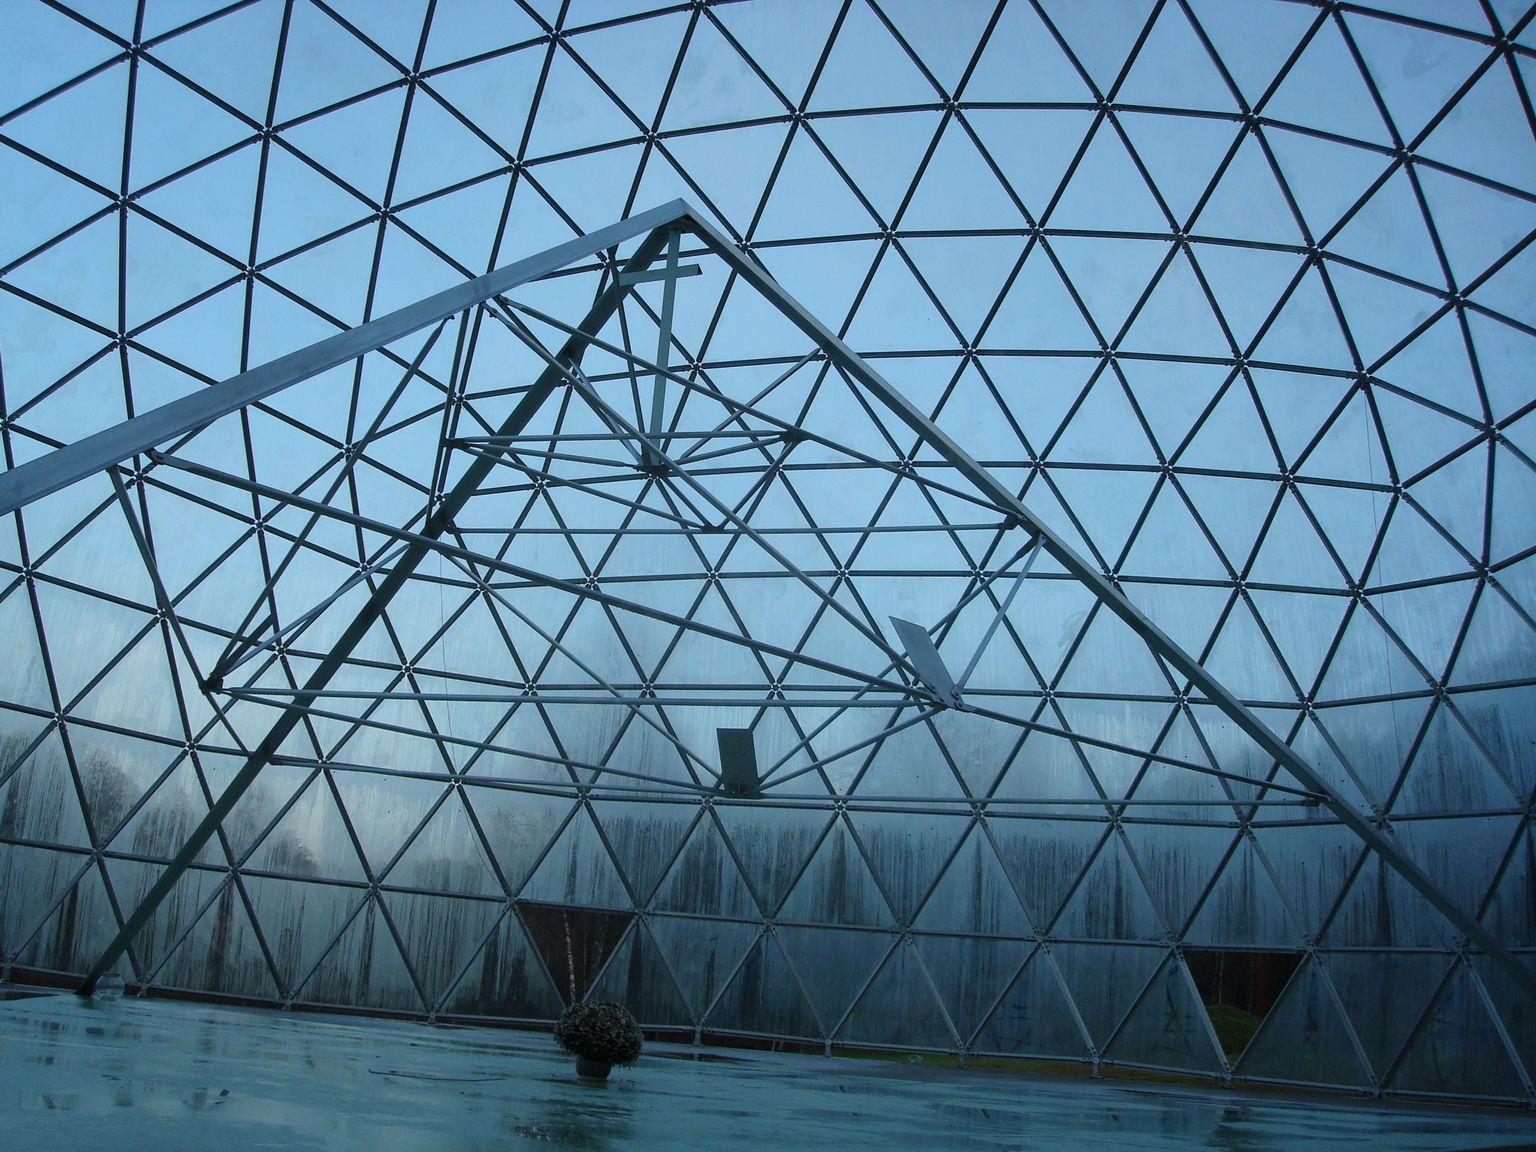 Uzdrawiająca Piramida w Mereczu pod szklaną kopułą | Merkinė (Merecz)